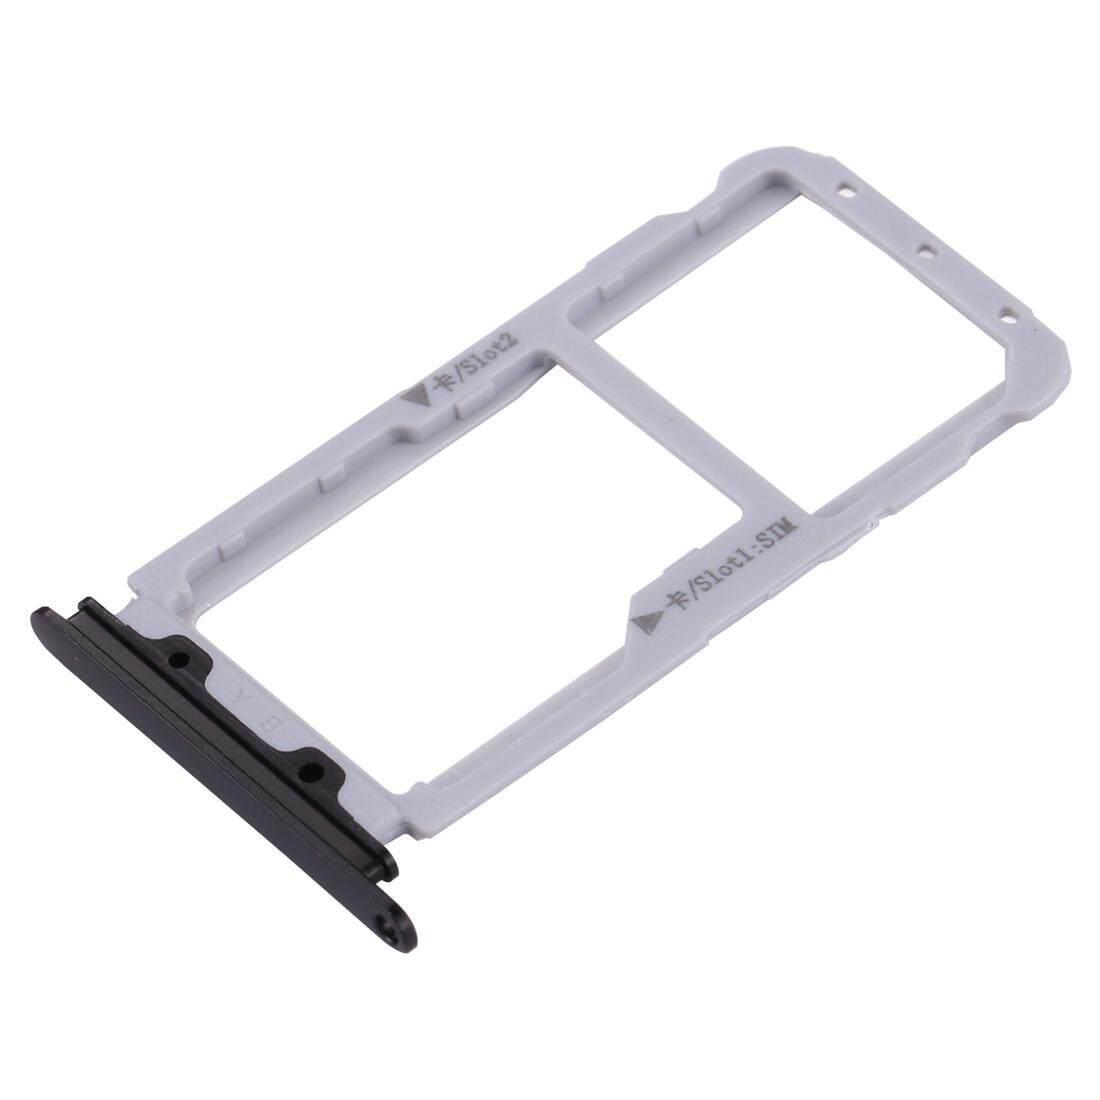 Review Huawei Nova 2 Plus Kartu Sim Tray Sim Micro Tray Sd Card